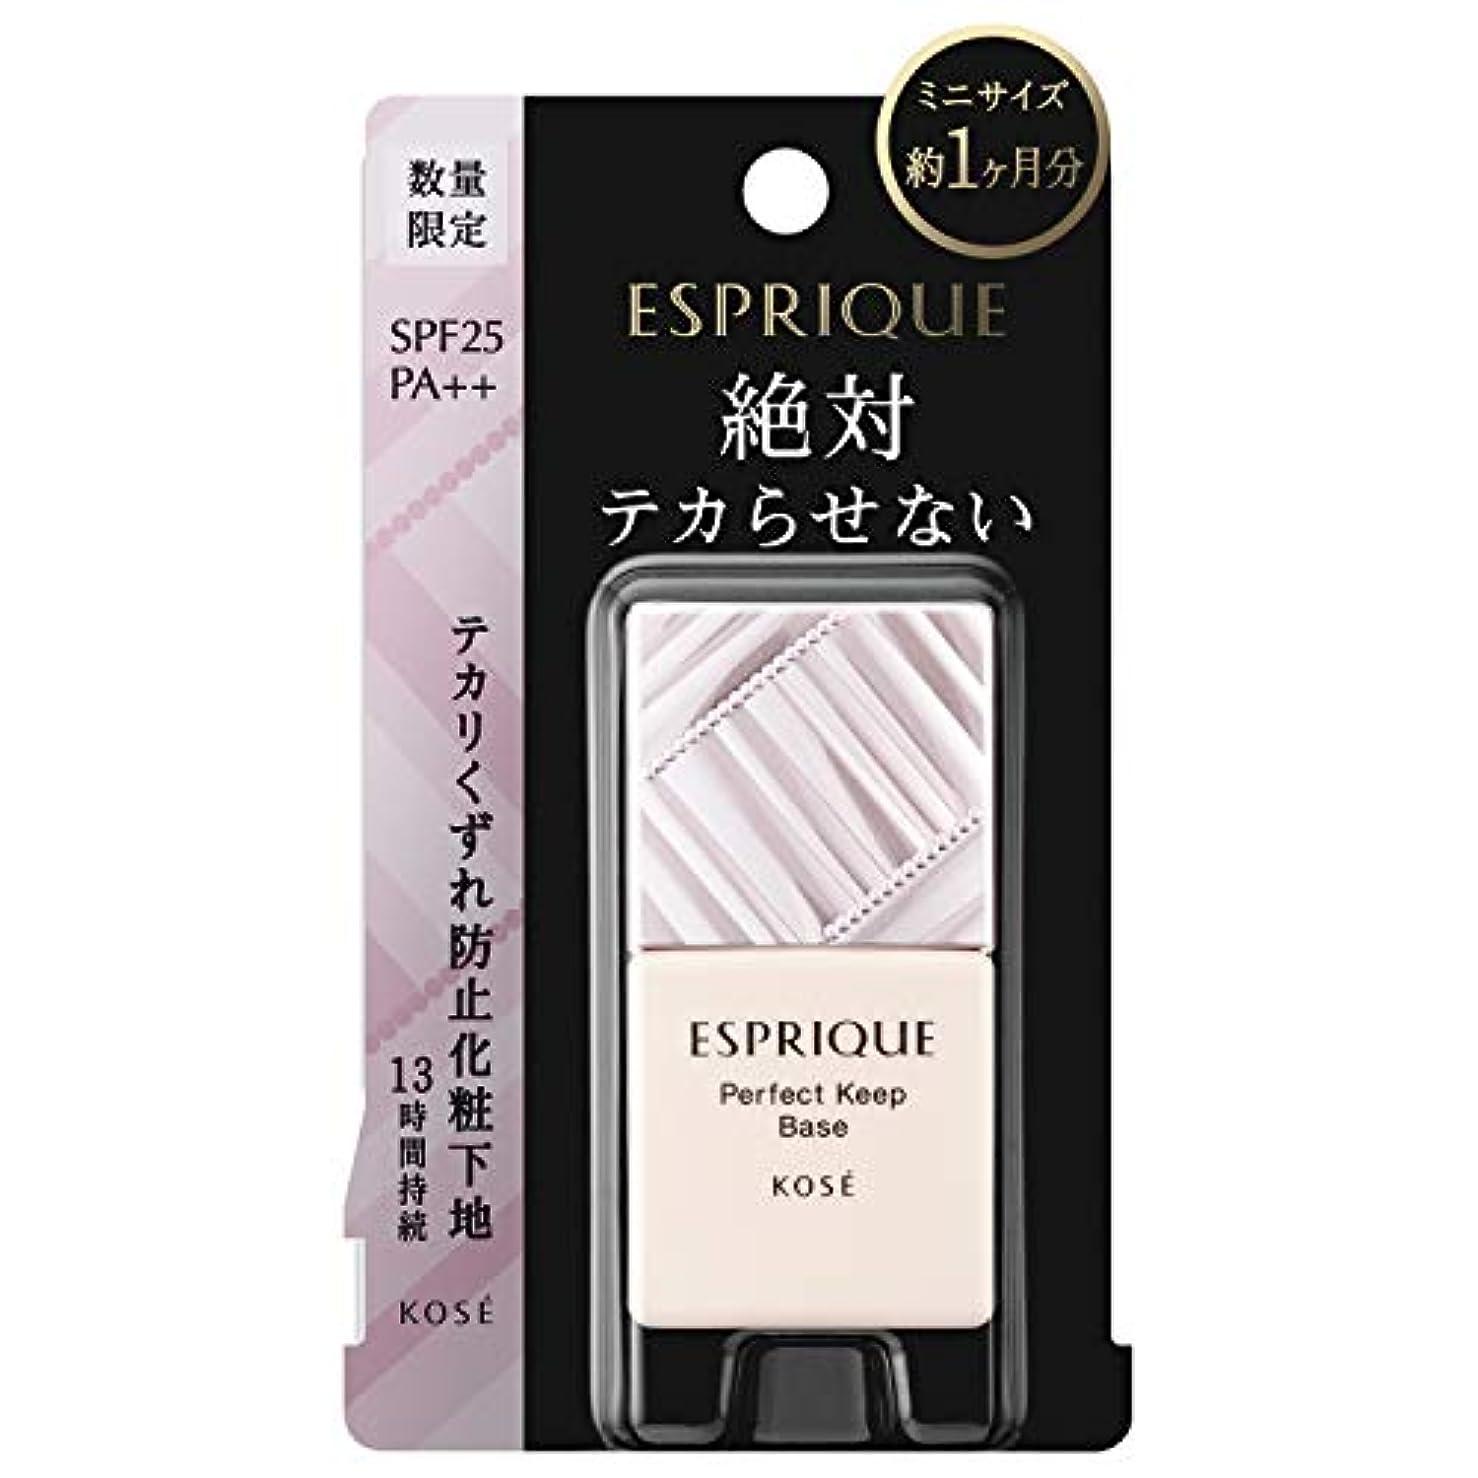 タイヤシンカン辞書ESPRIQUE(エスプリーク) エスプリーク パーフェクト キープ ベース 化粧下地 10g